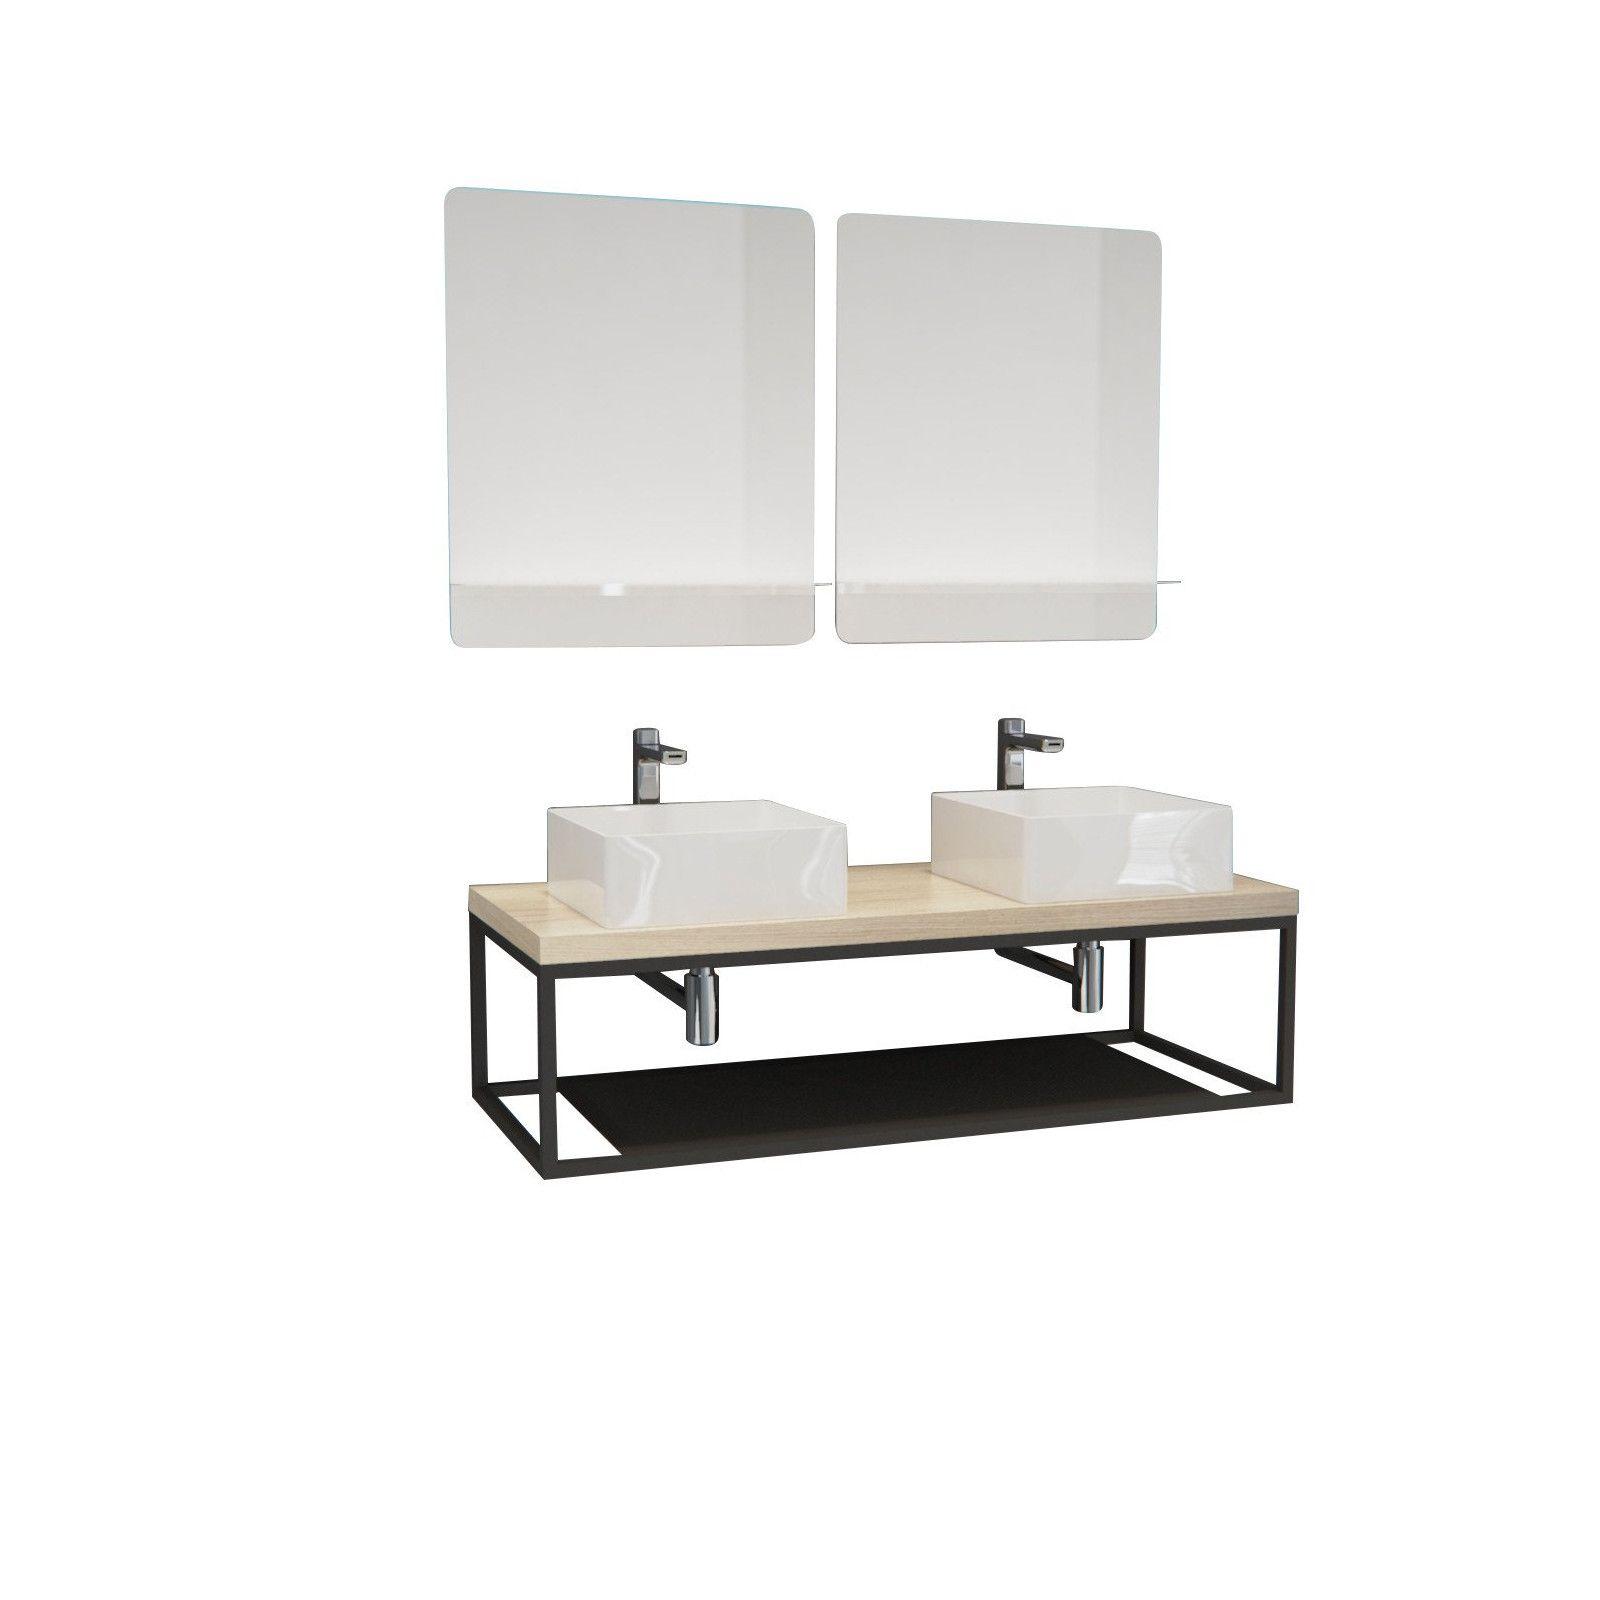 Ensemble de Salle de Bain WILL - Plan suspendu 120 cm + Structure métal + 2 Vasques + 2 Miroirs